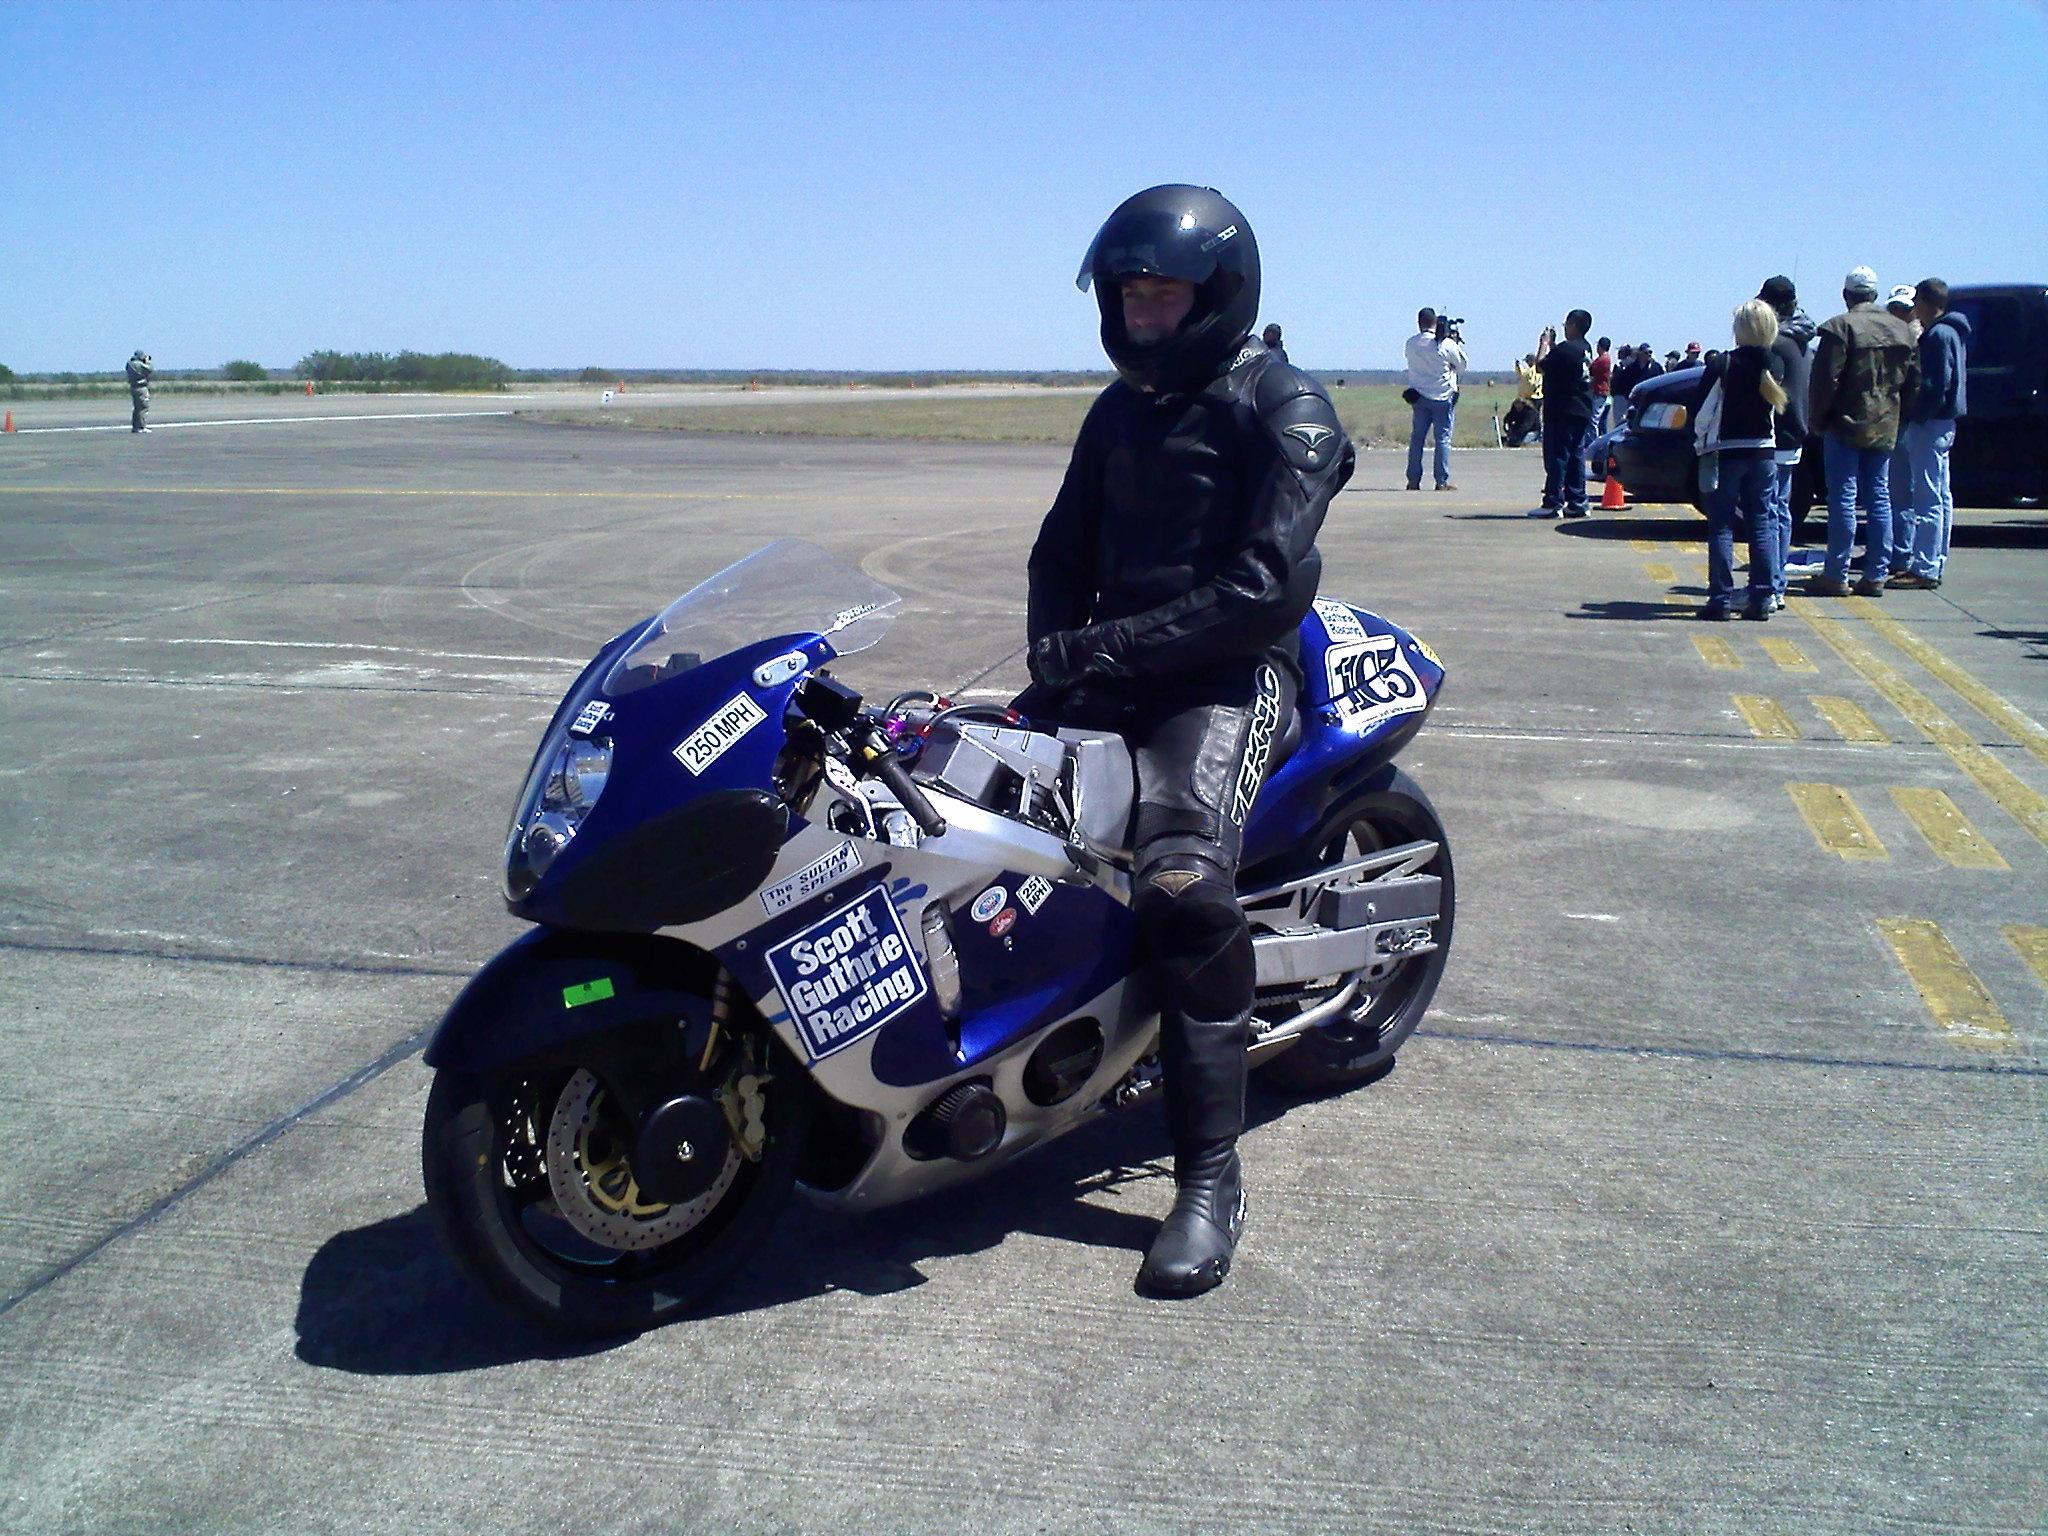 Top 10 Najbrzih Motocikla za 2013 0328091409a